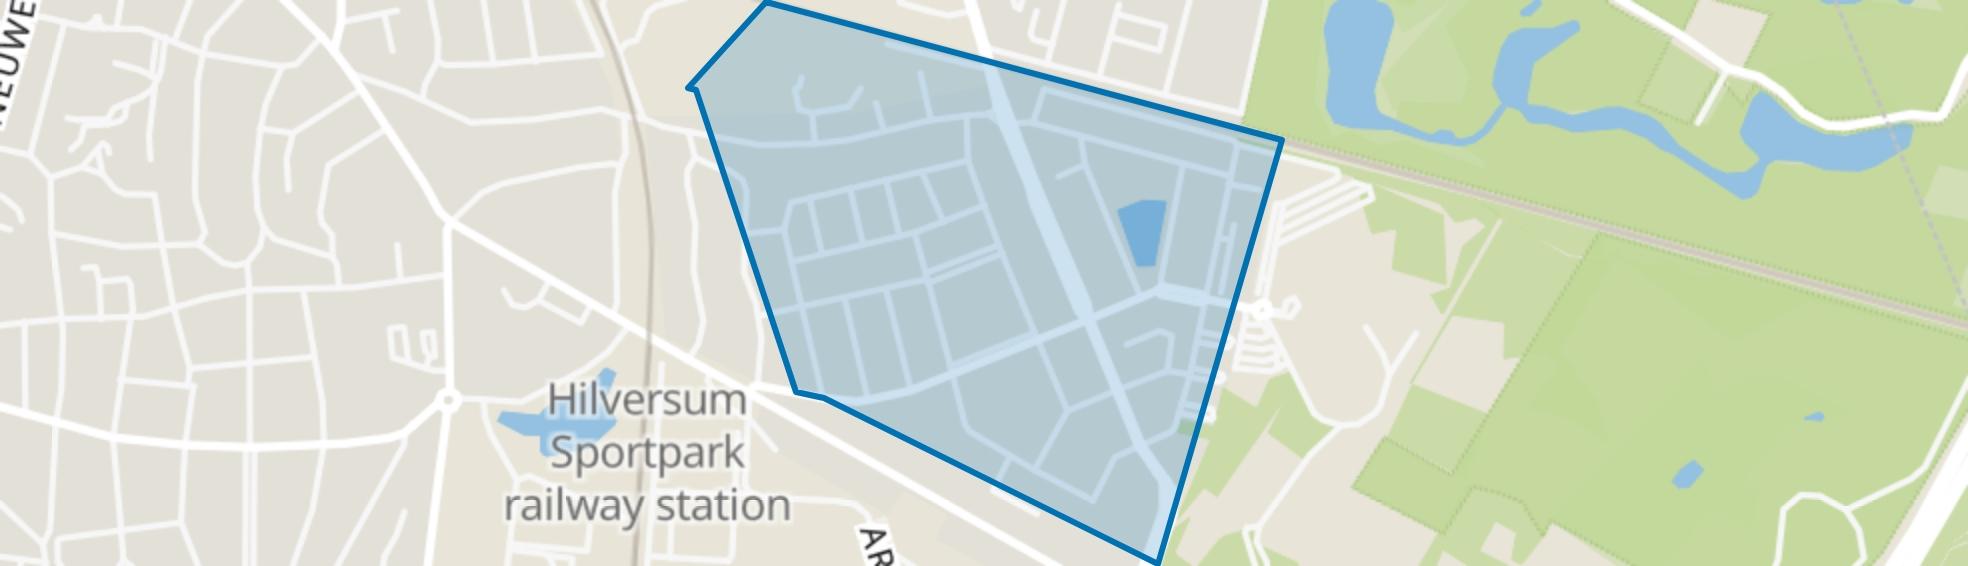 Van Riebeeckkwartier, Hilversum map